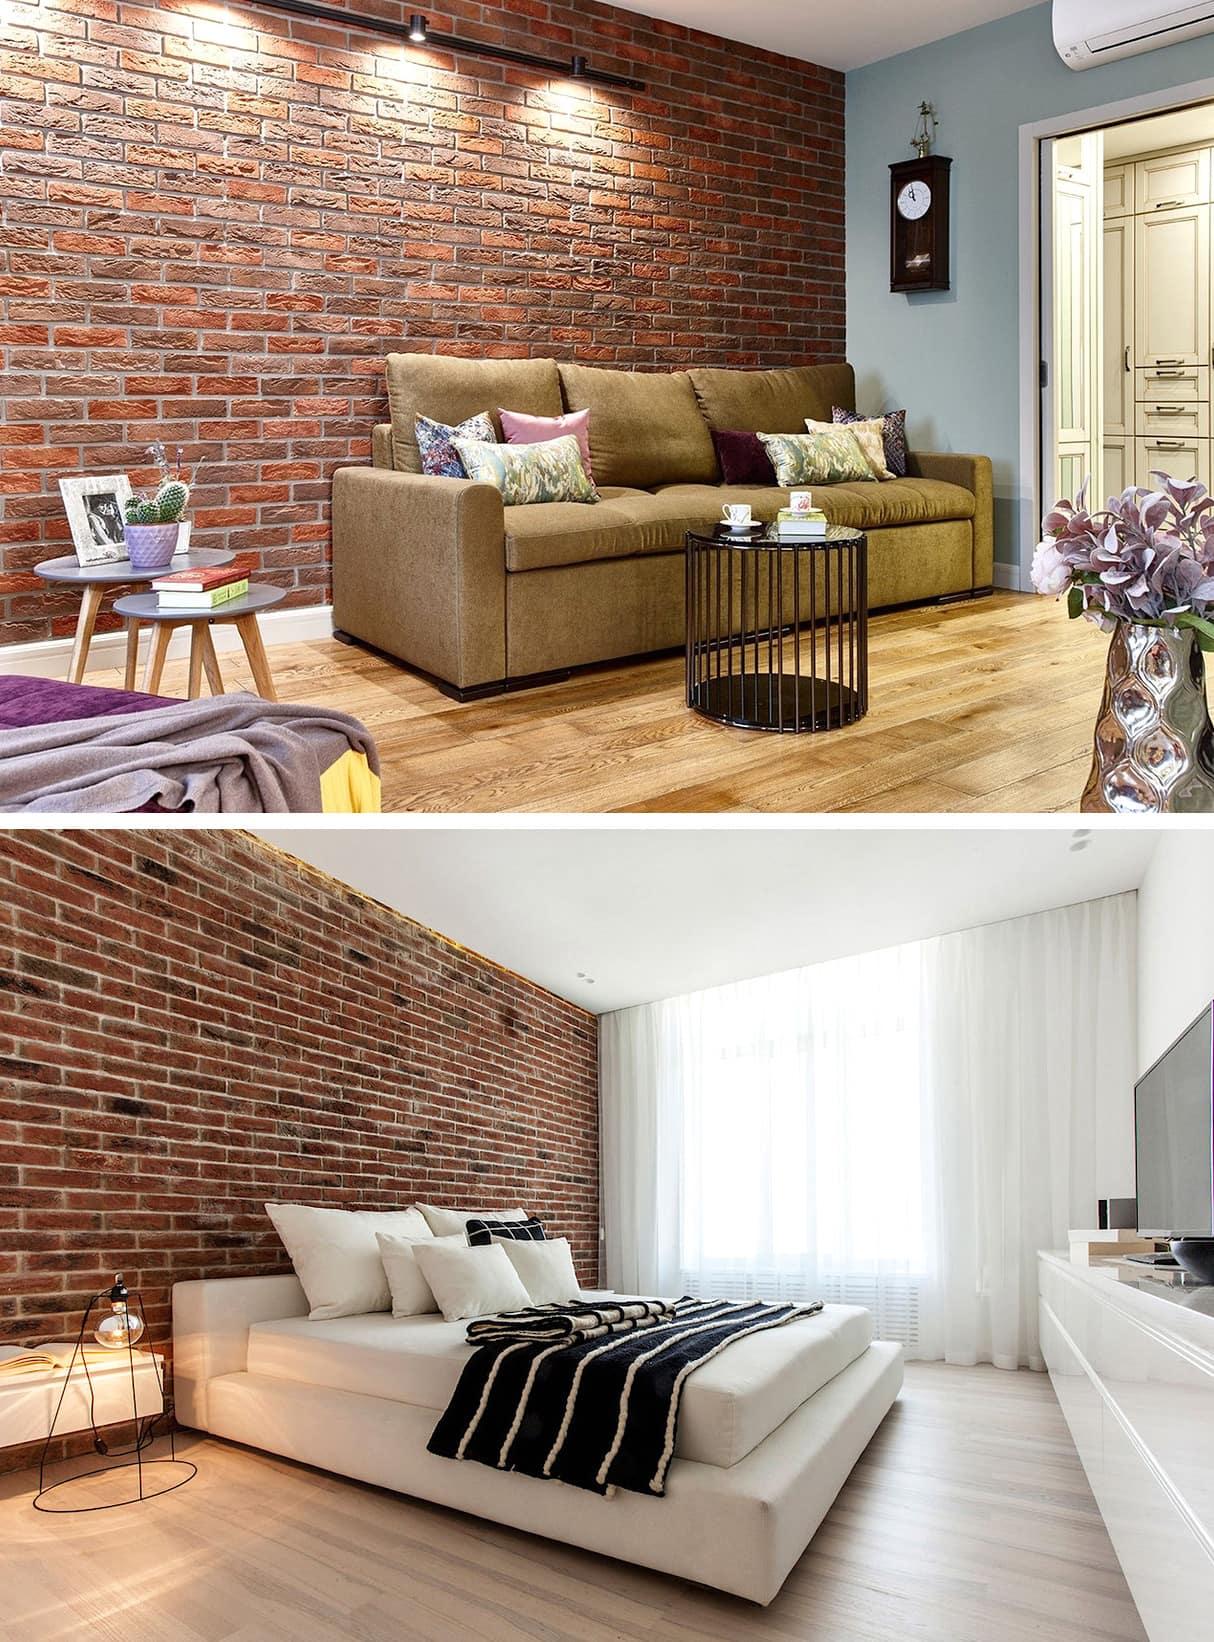 Обои под кирпичную кладку в стиле лофт подчеркнет эксклюзивность мебельного гарнитура